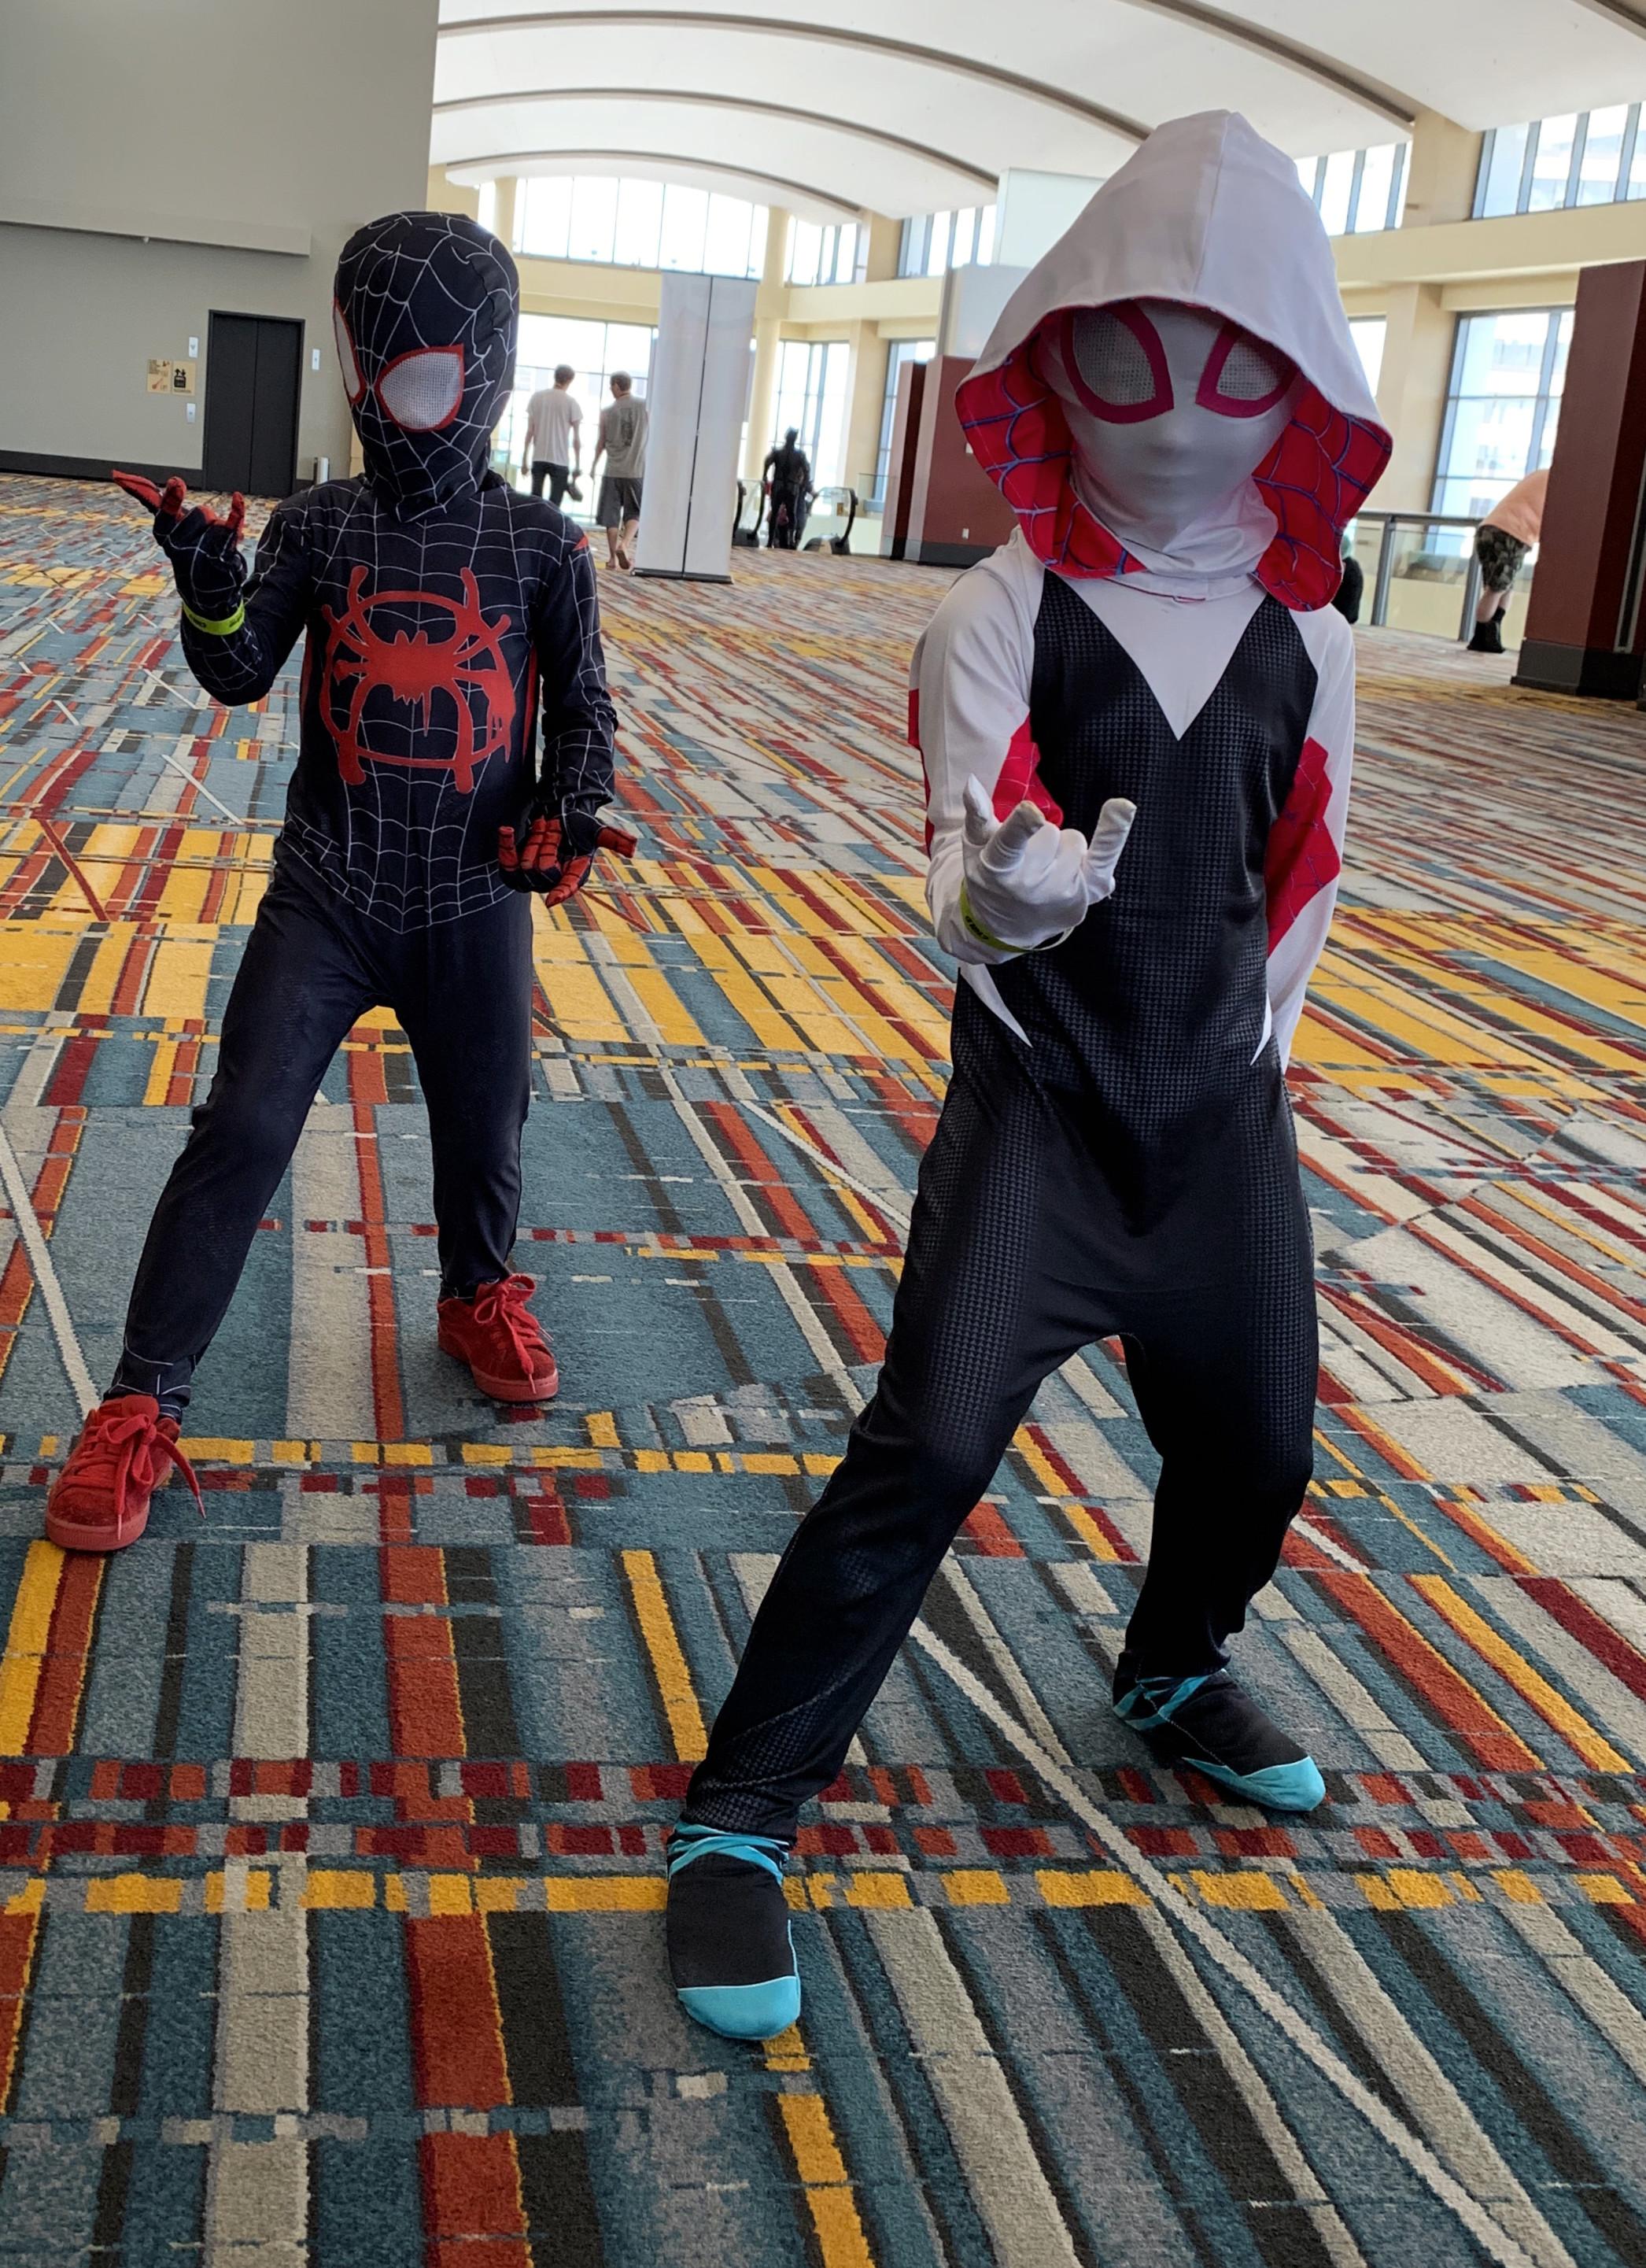 Spider-man and Spider Gwen.